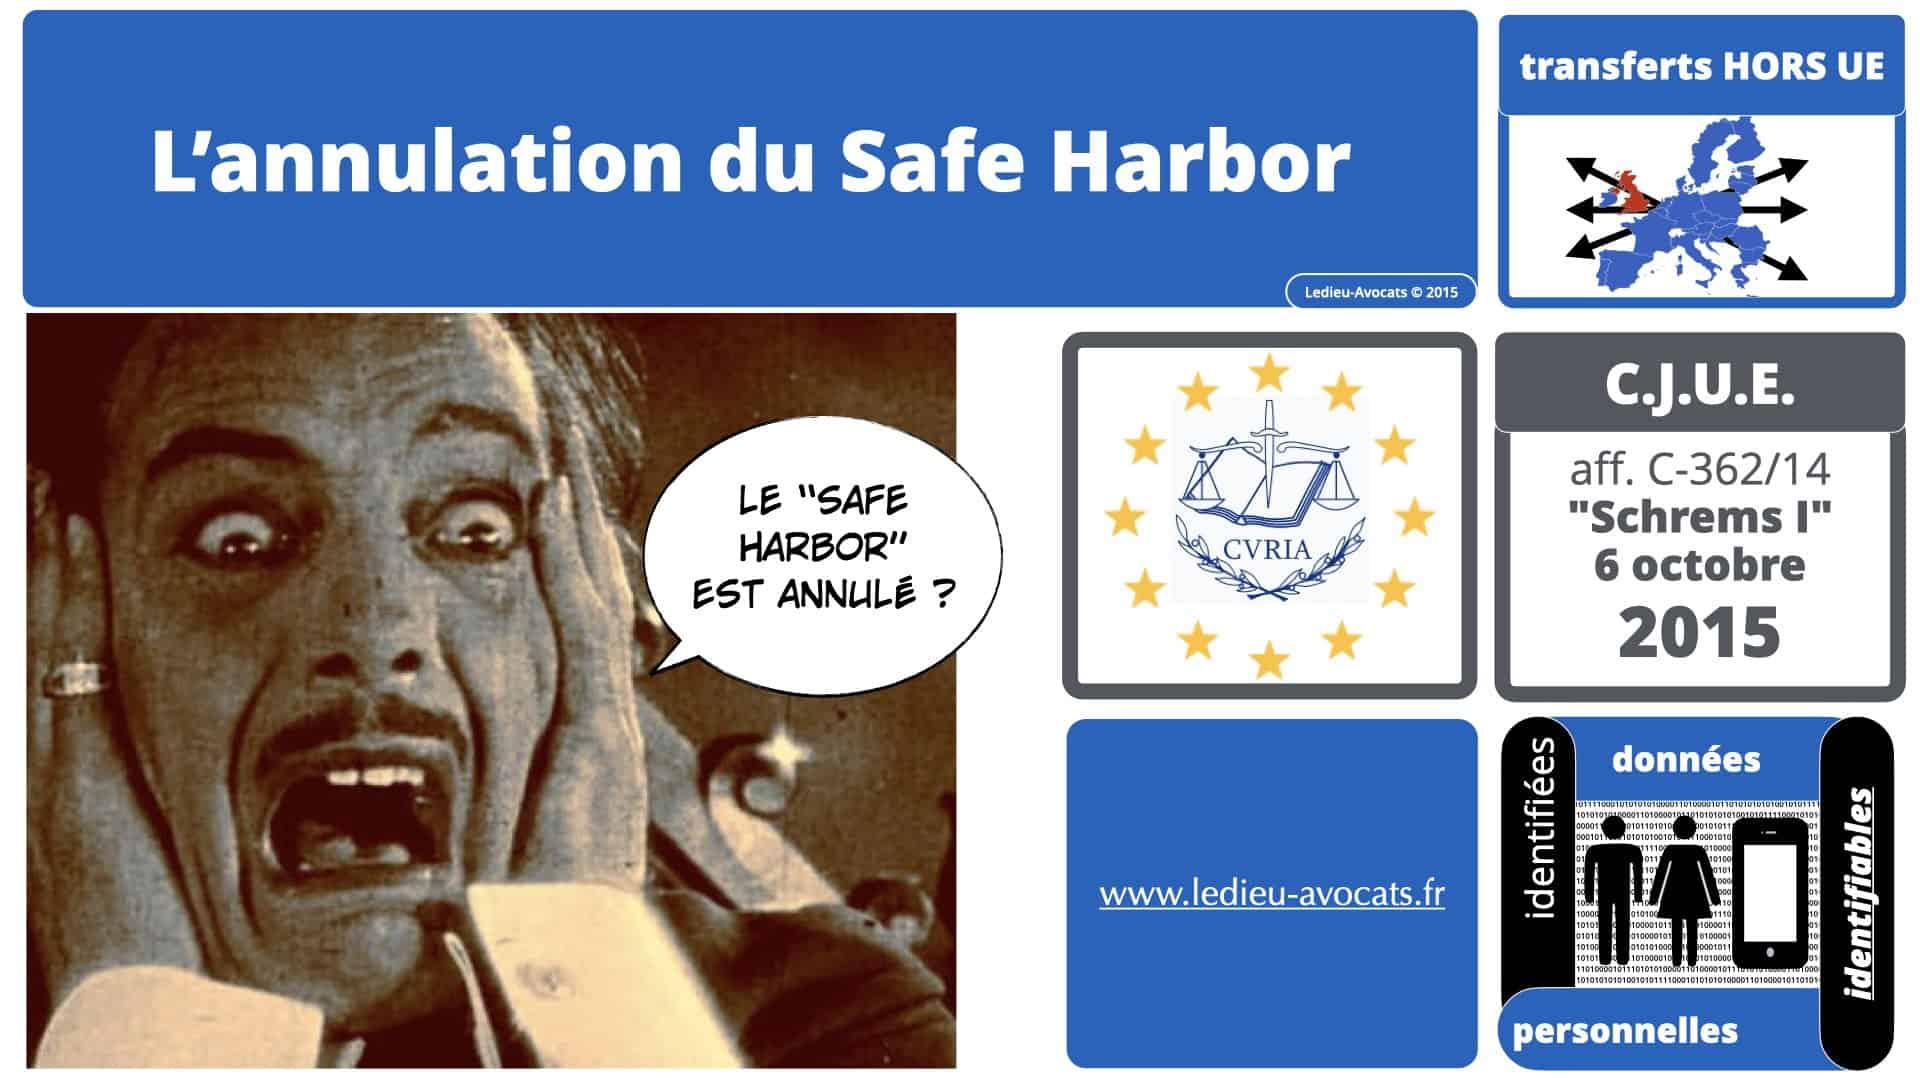 RGPD e-Privacy données personnelles jurisprudence formation Lamy Les Echos 10-02-2021 ©Ledieu-Avocats.321